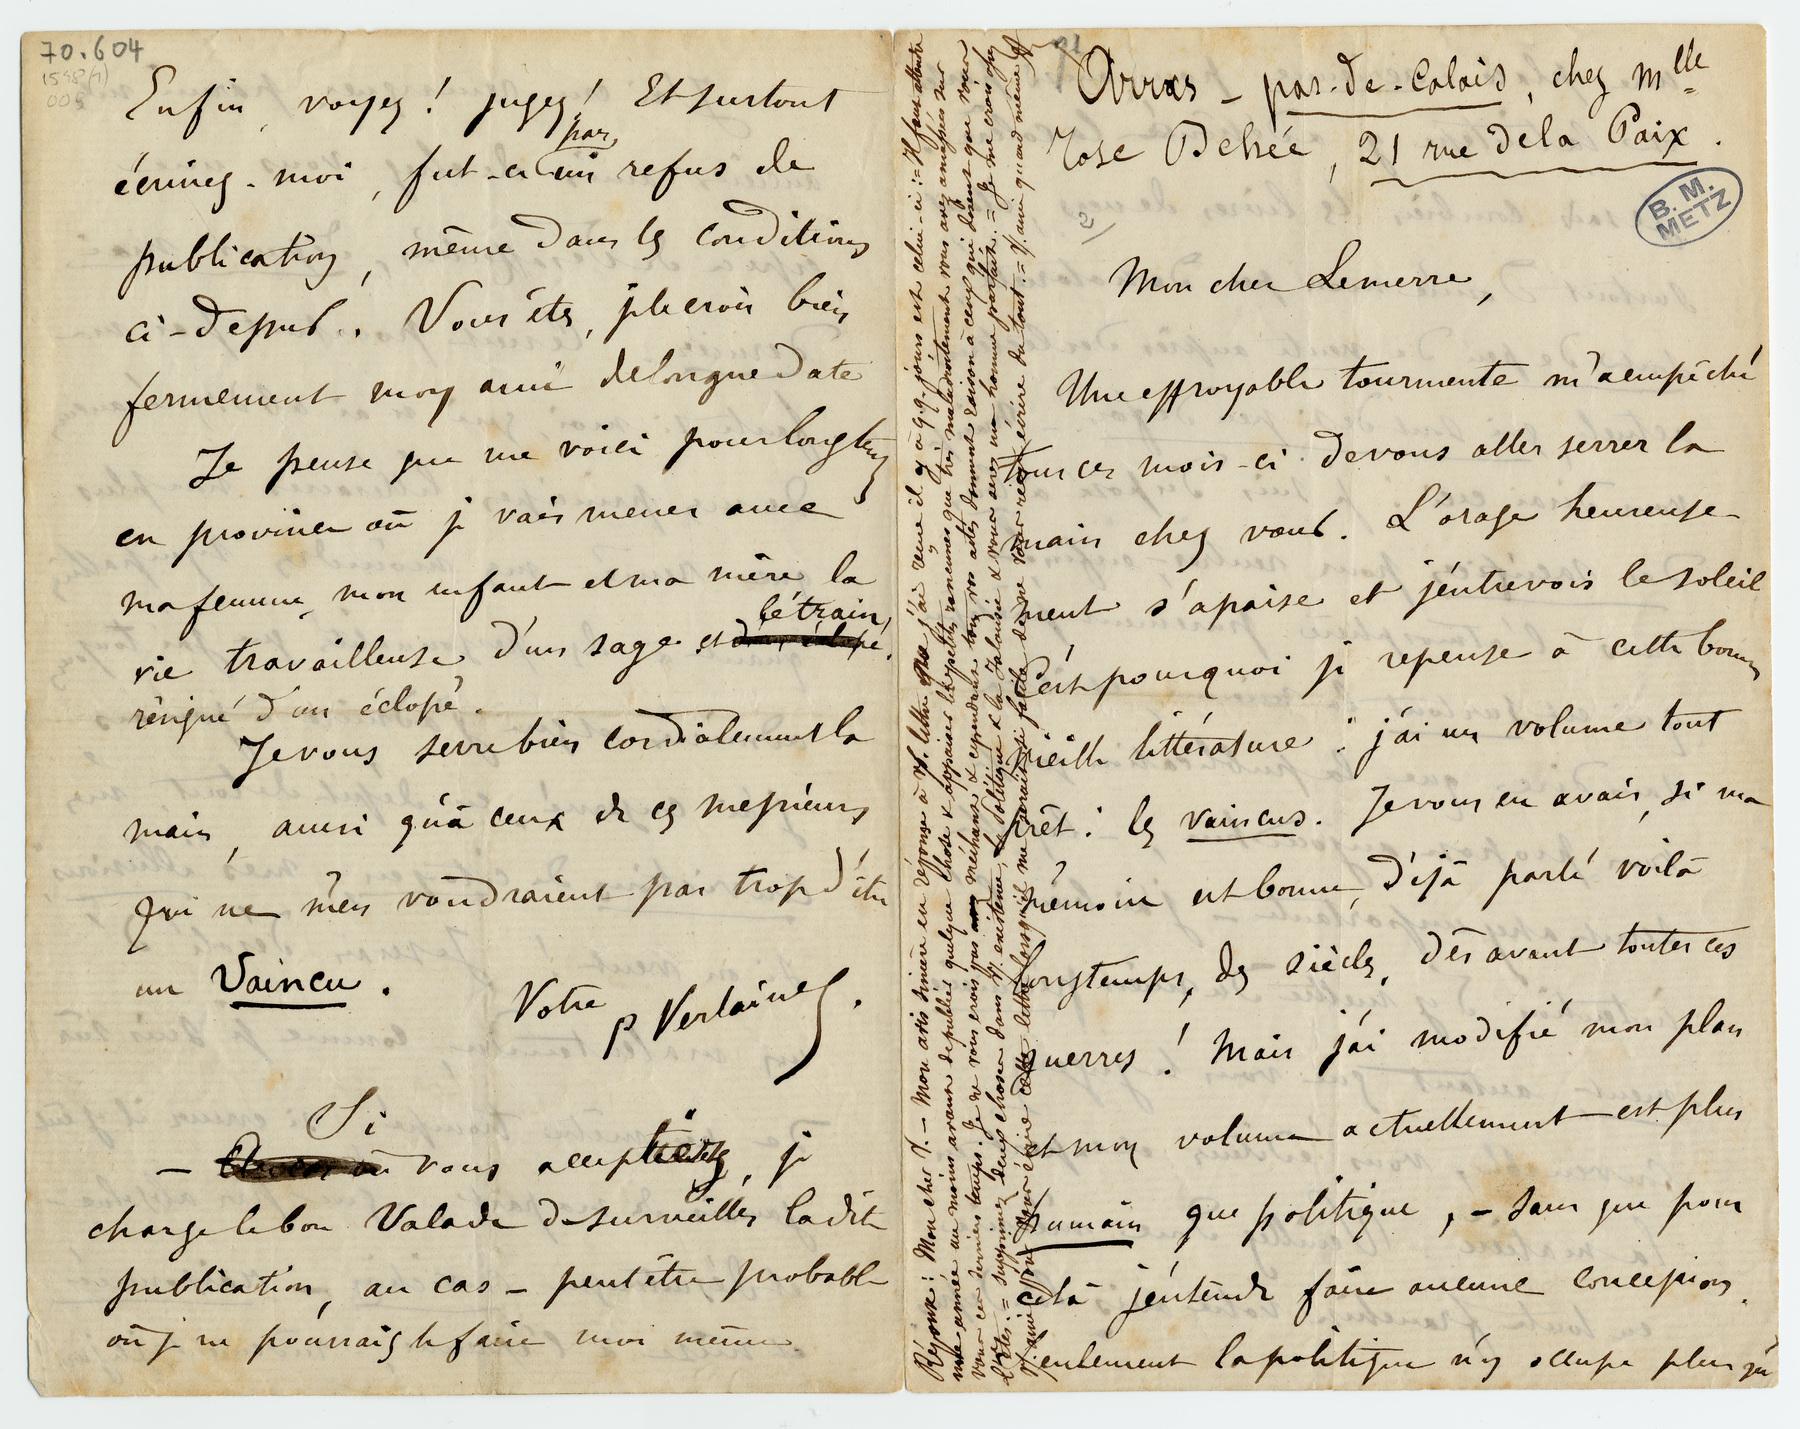 Contenu du Lettre autographe signée à Alphonse Lemerre, avec réponse d'Alphonse Lemerre dans la marge